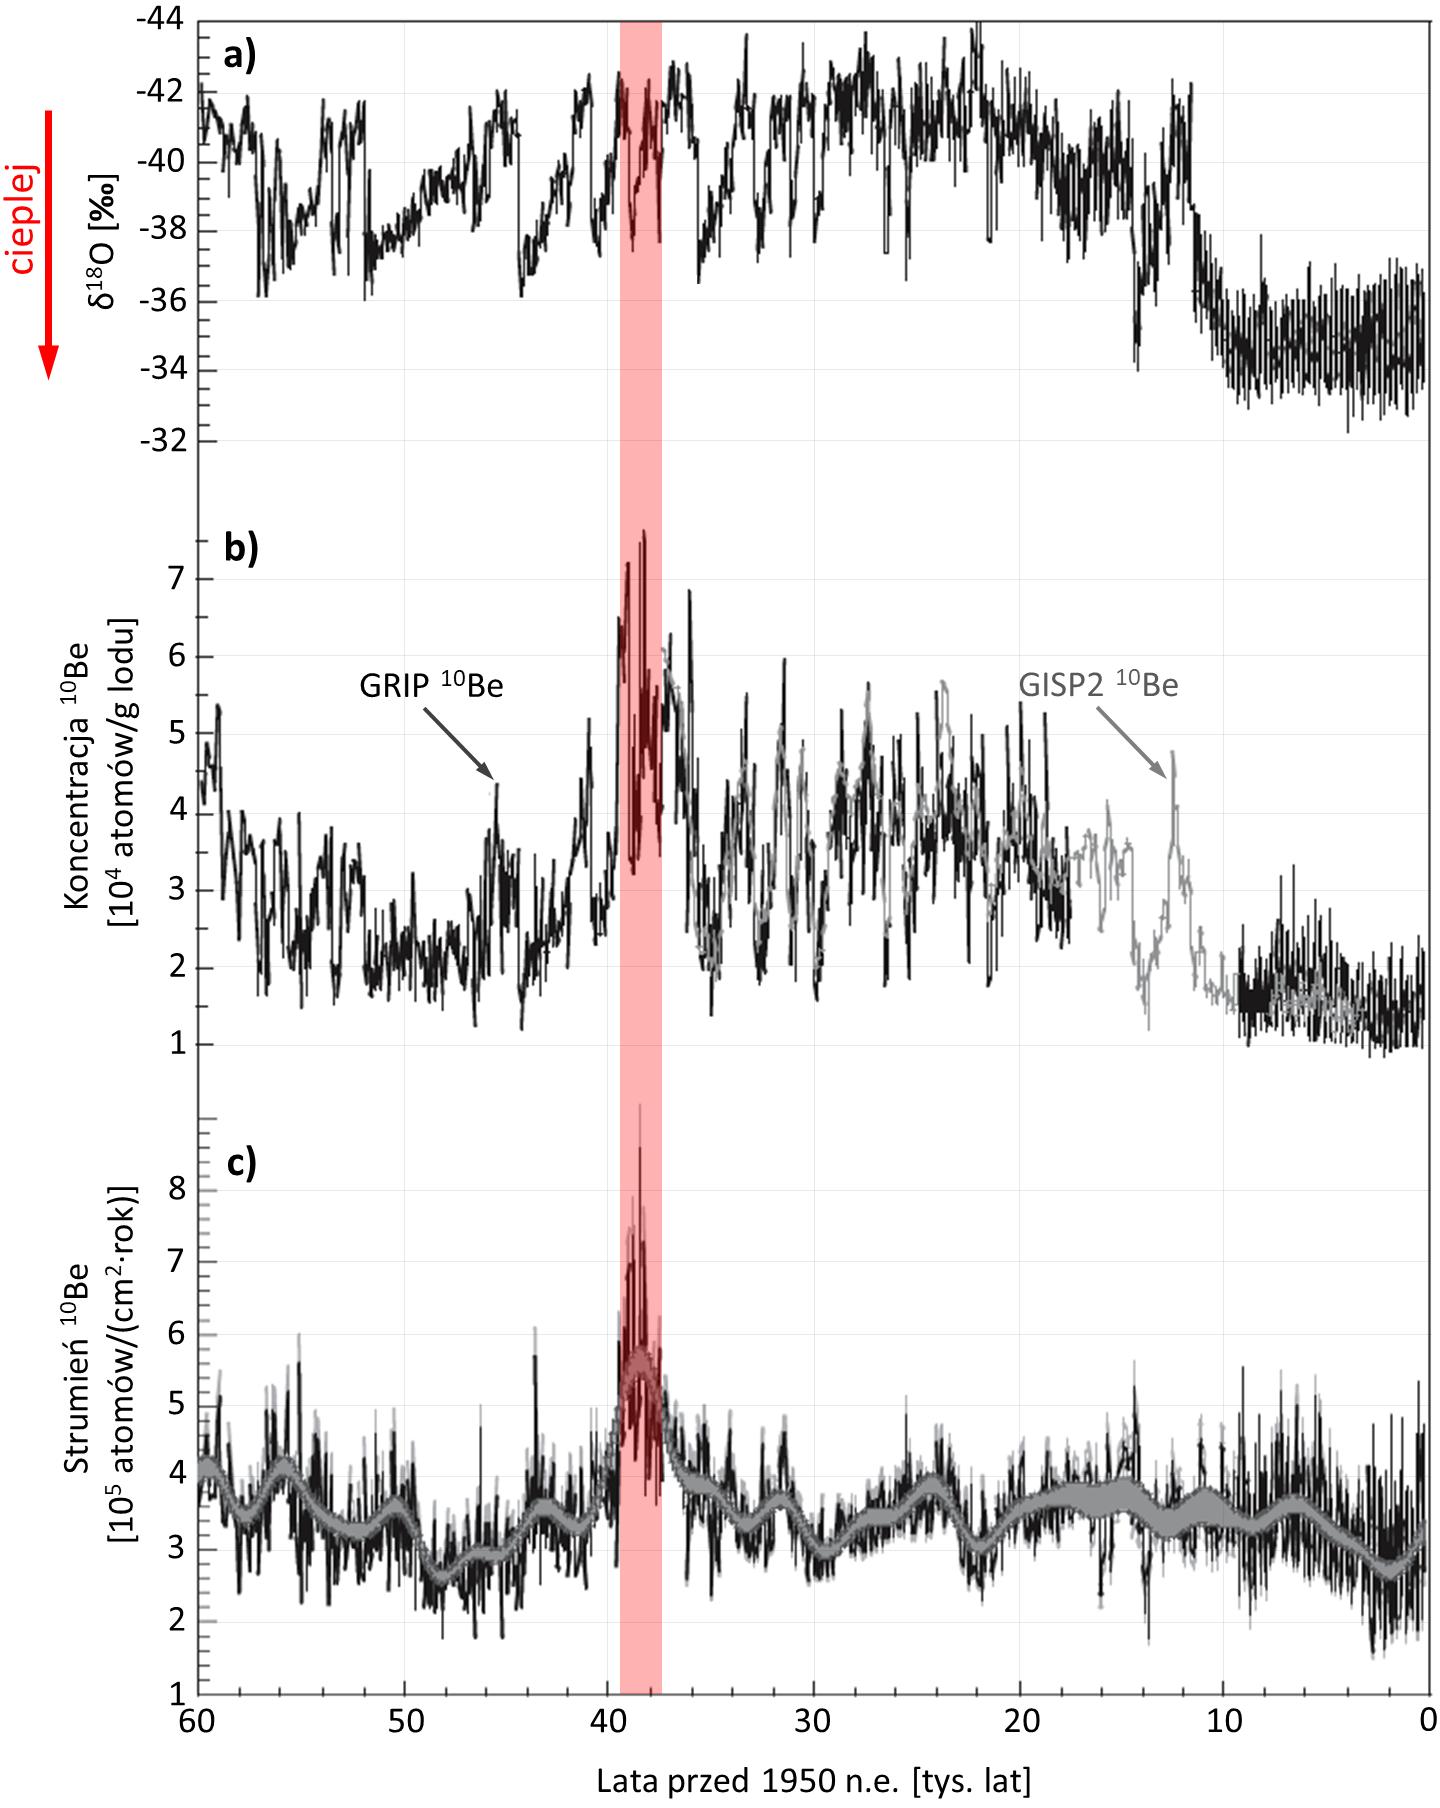 Wyniki badań paleoklimatycznych - wykresy